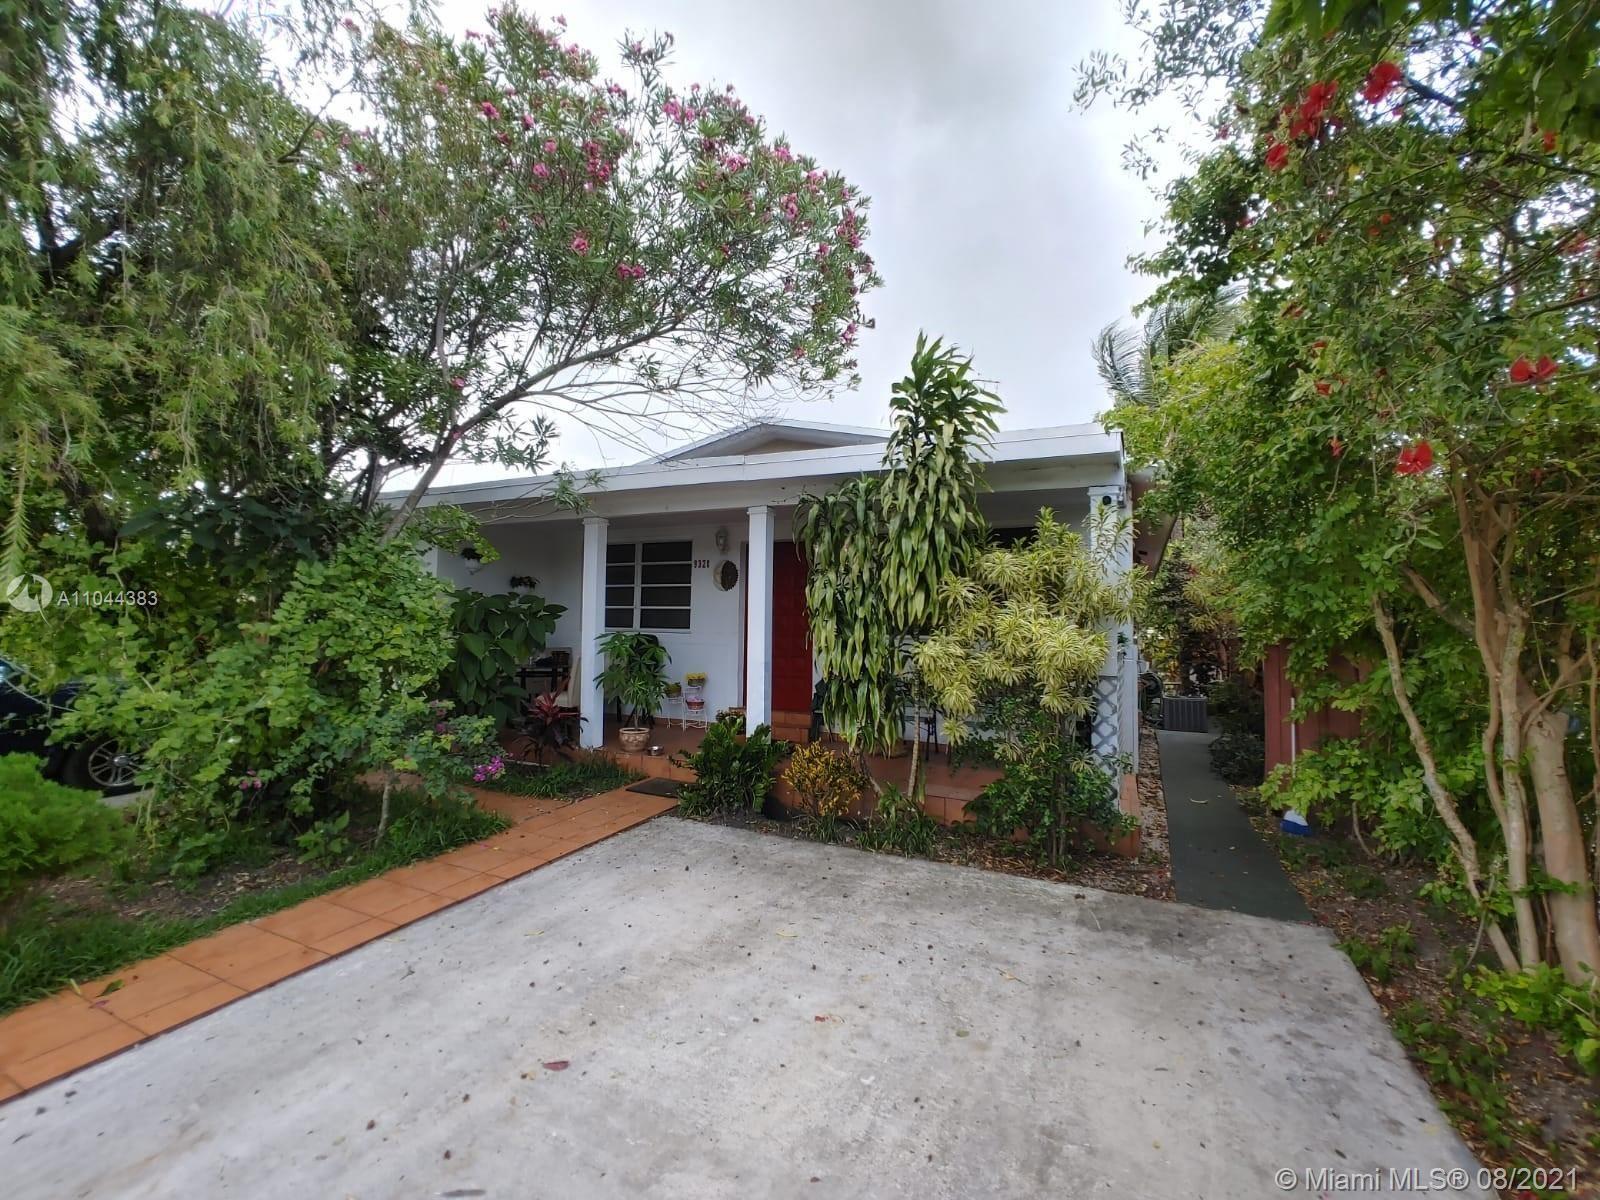 9320 SW 38th St, Miami, FL 33165 - #: A11044383